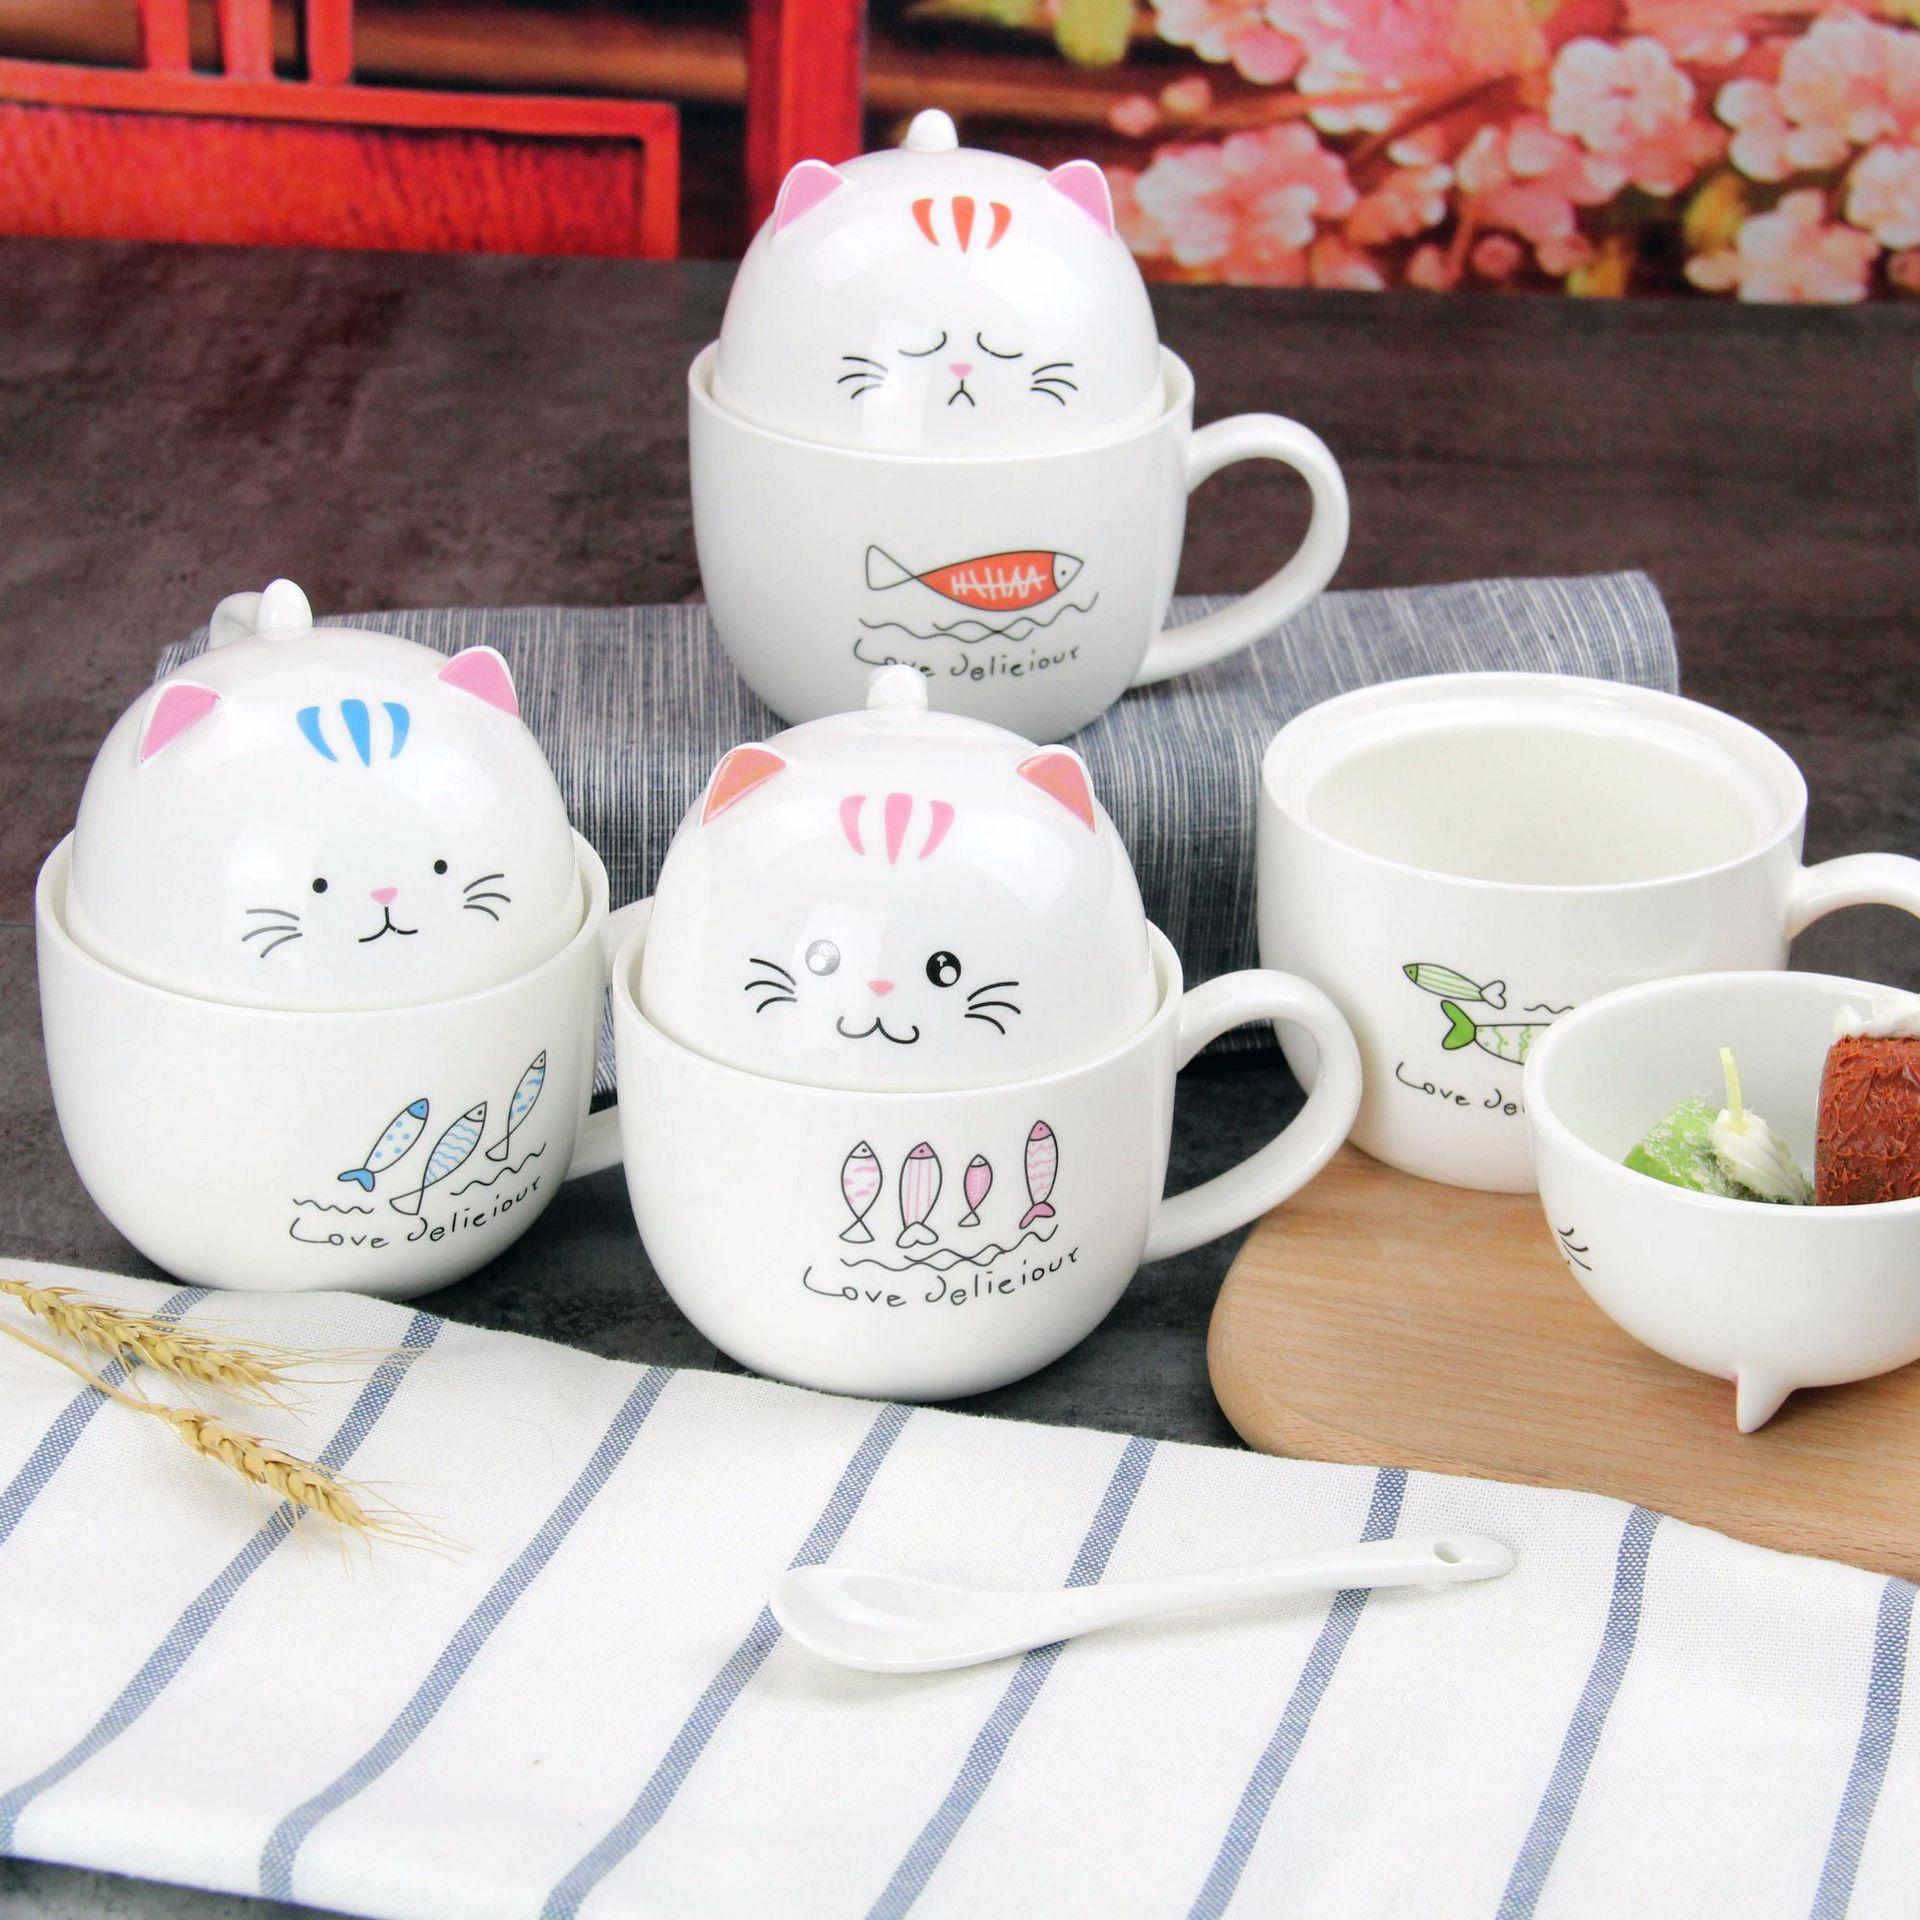 猫咪水杯陶瓷办公杯杯子创意可爱马克杯带盖日用百货定制LOGO